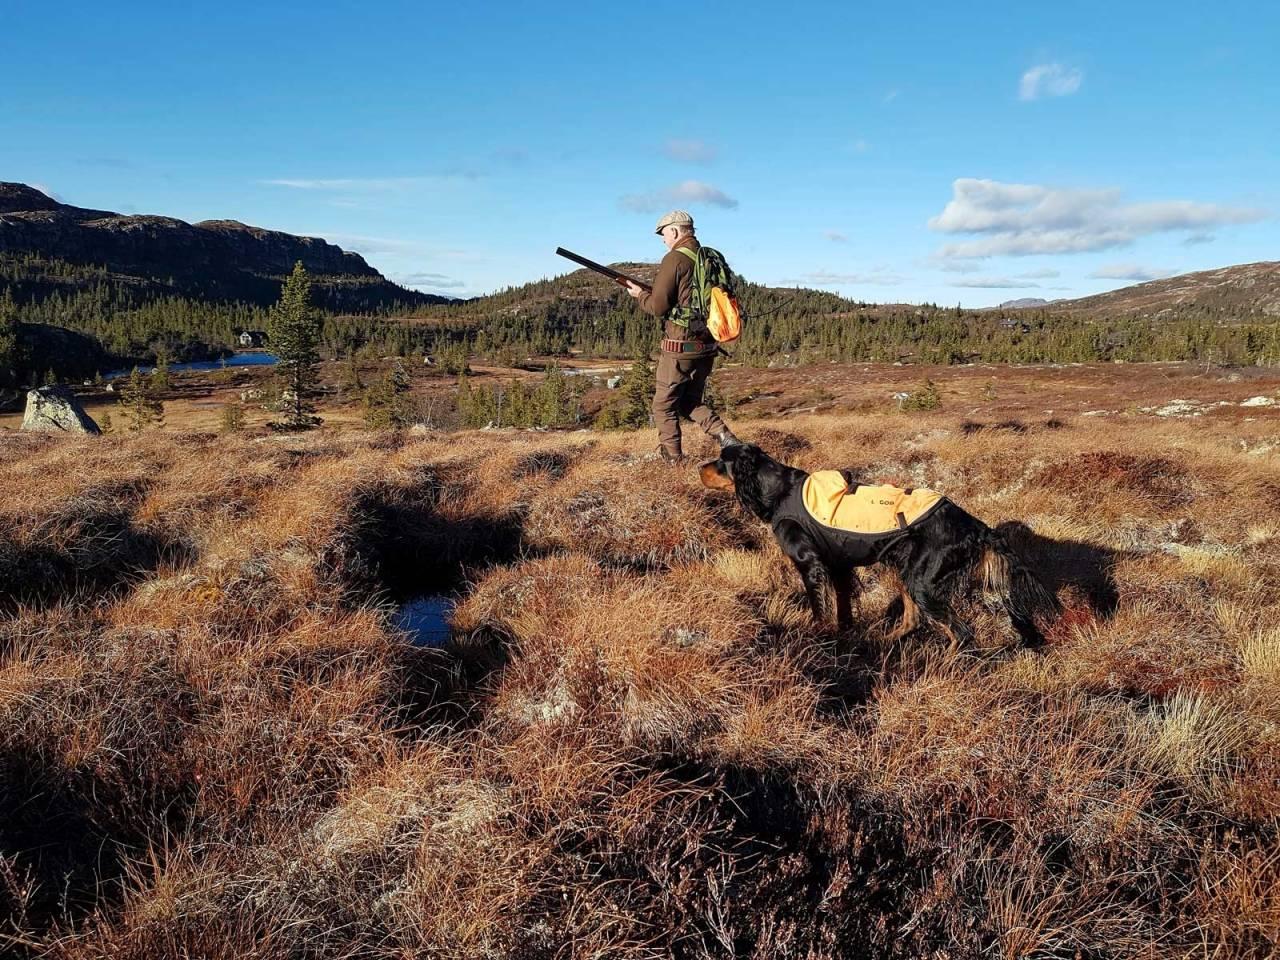 SITRENDE STAND: Hund og jeger i salig samhørighet over trykkende fjellfugl.